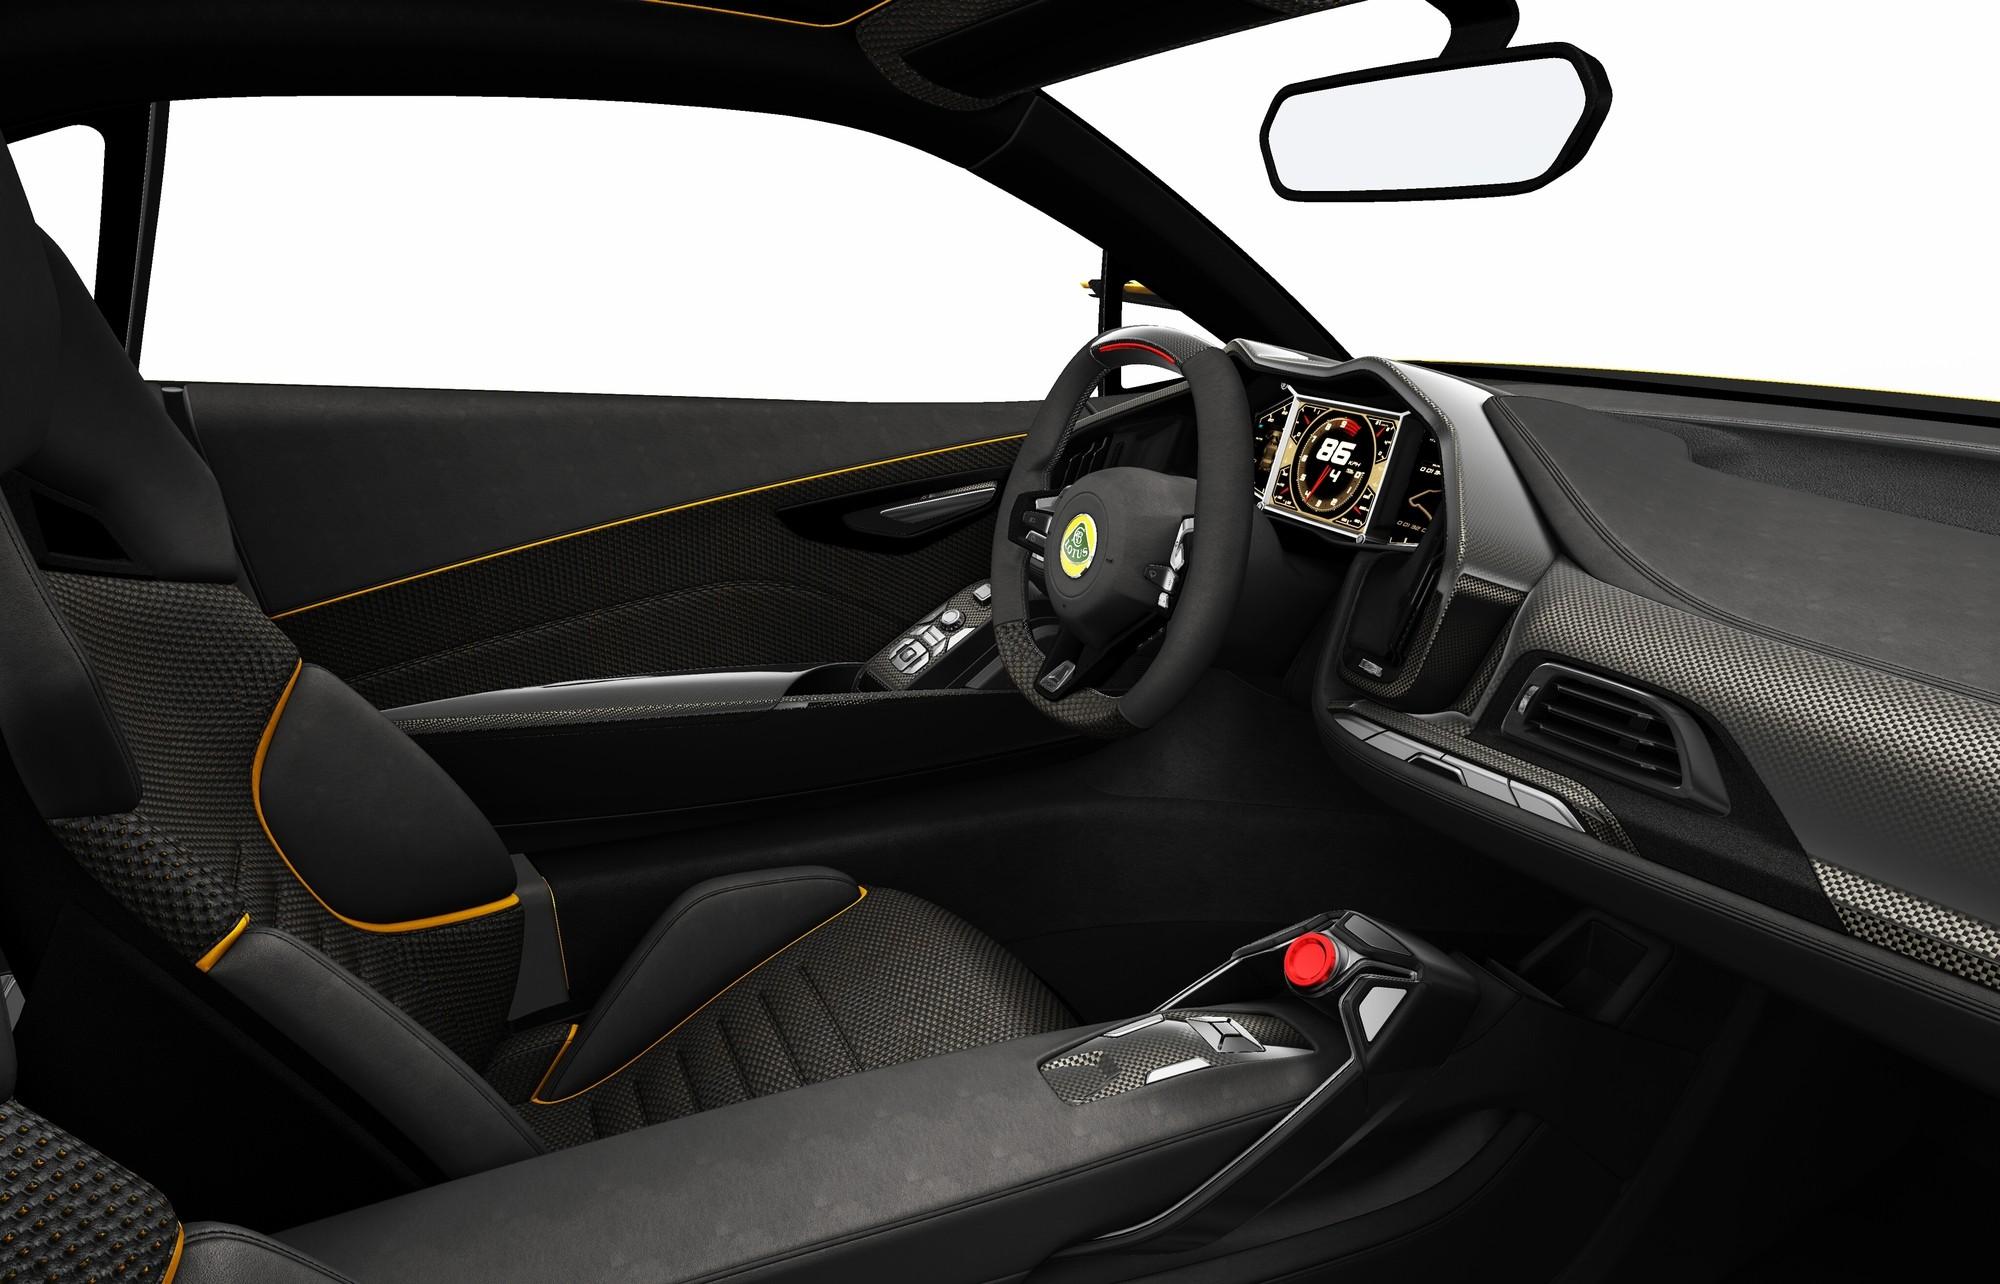 Новый спорткар Lotus: лёгкий, бензиновый и, возможно, с двигателем Geely